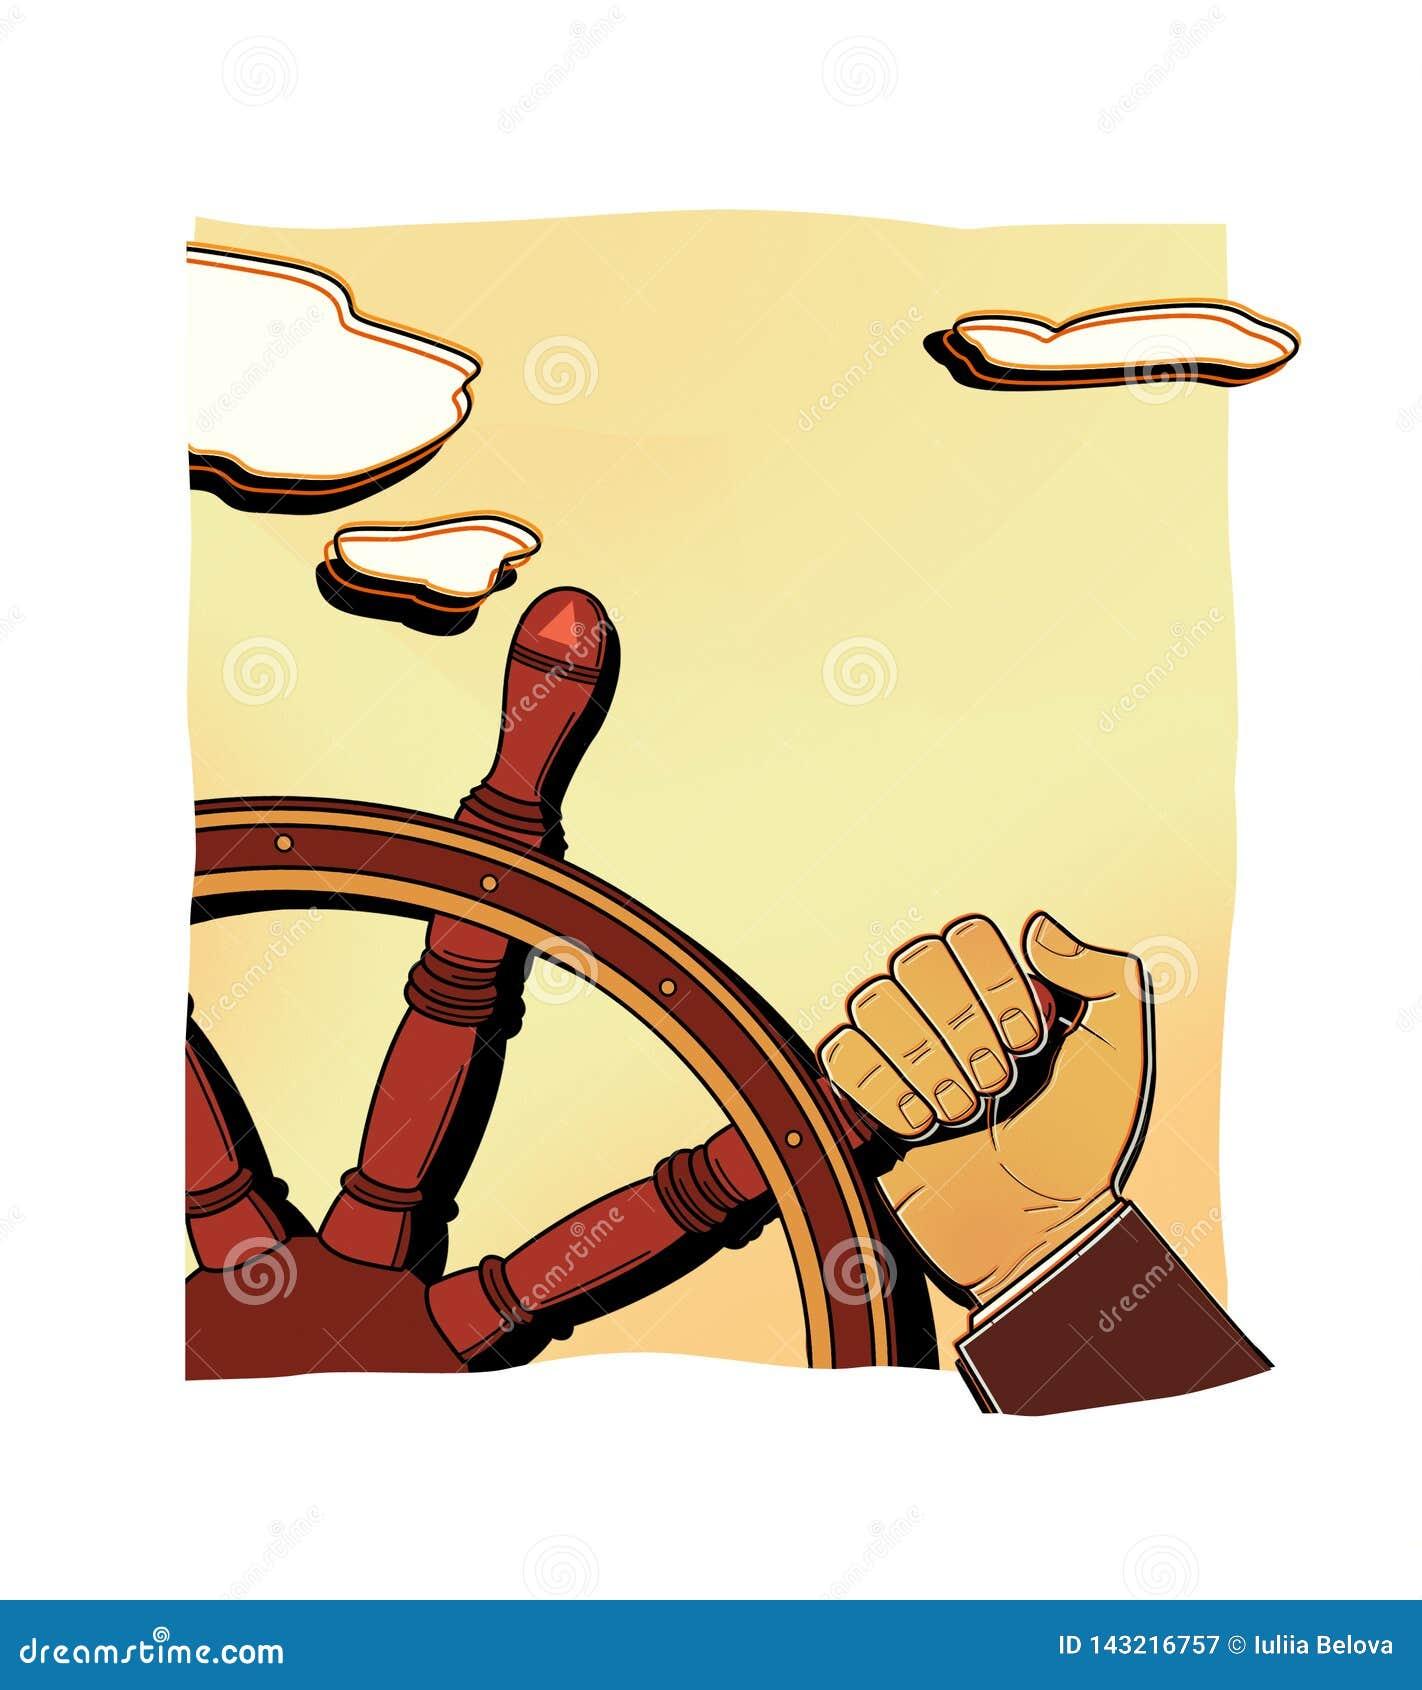 Ανθρώπινο χέρι που γυρίζει μια παλαιά ξύλινη ρόδα Χειρωνακτικός έλεγχος Επενδύσεις, χρηματιστήριο, αμοιβαία κεφάλαια